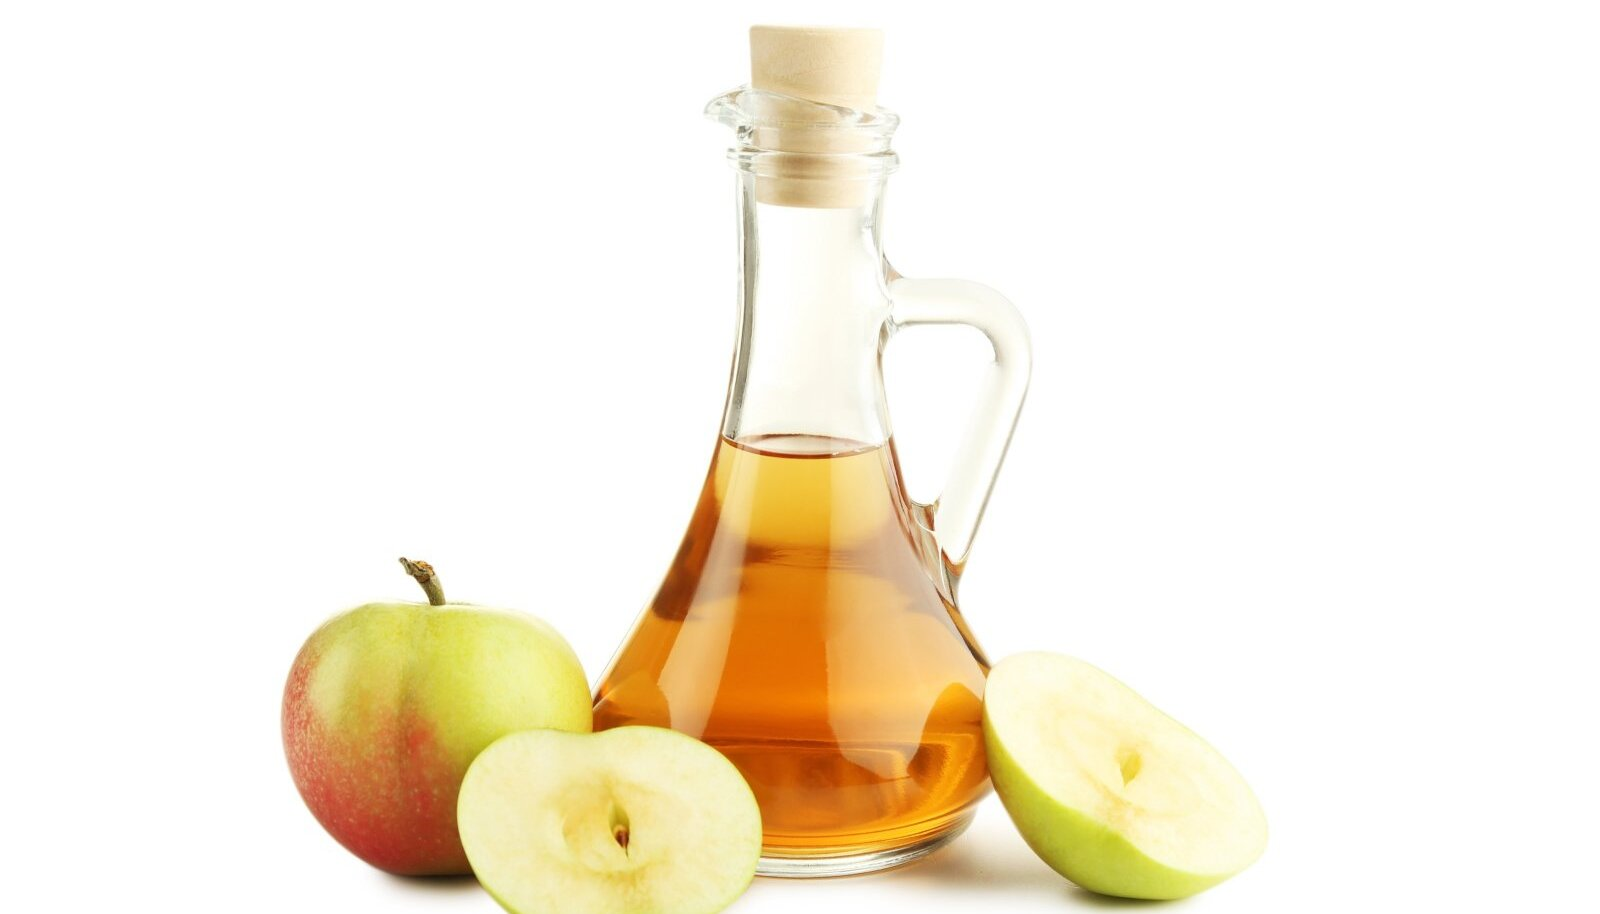 Õunaäädikast valmistatud limonaadile saab meelepäraste maitseainetega anda huvitavaid nüansse.